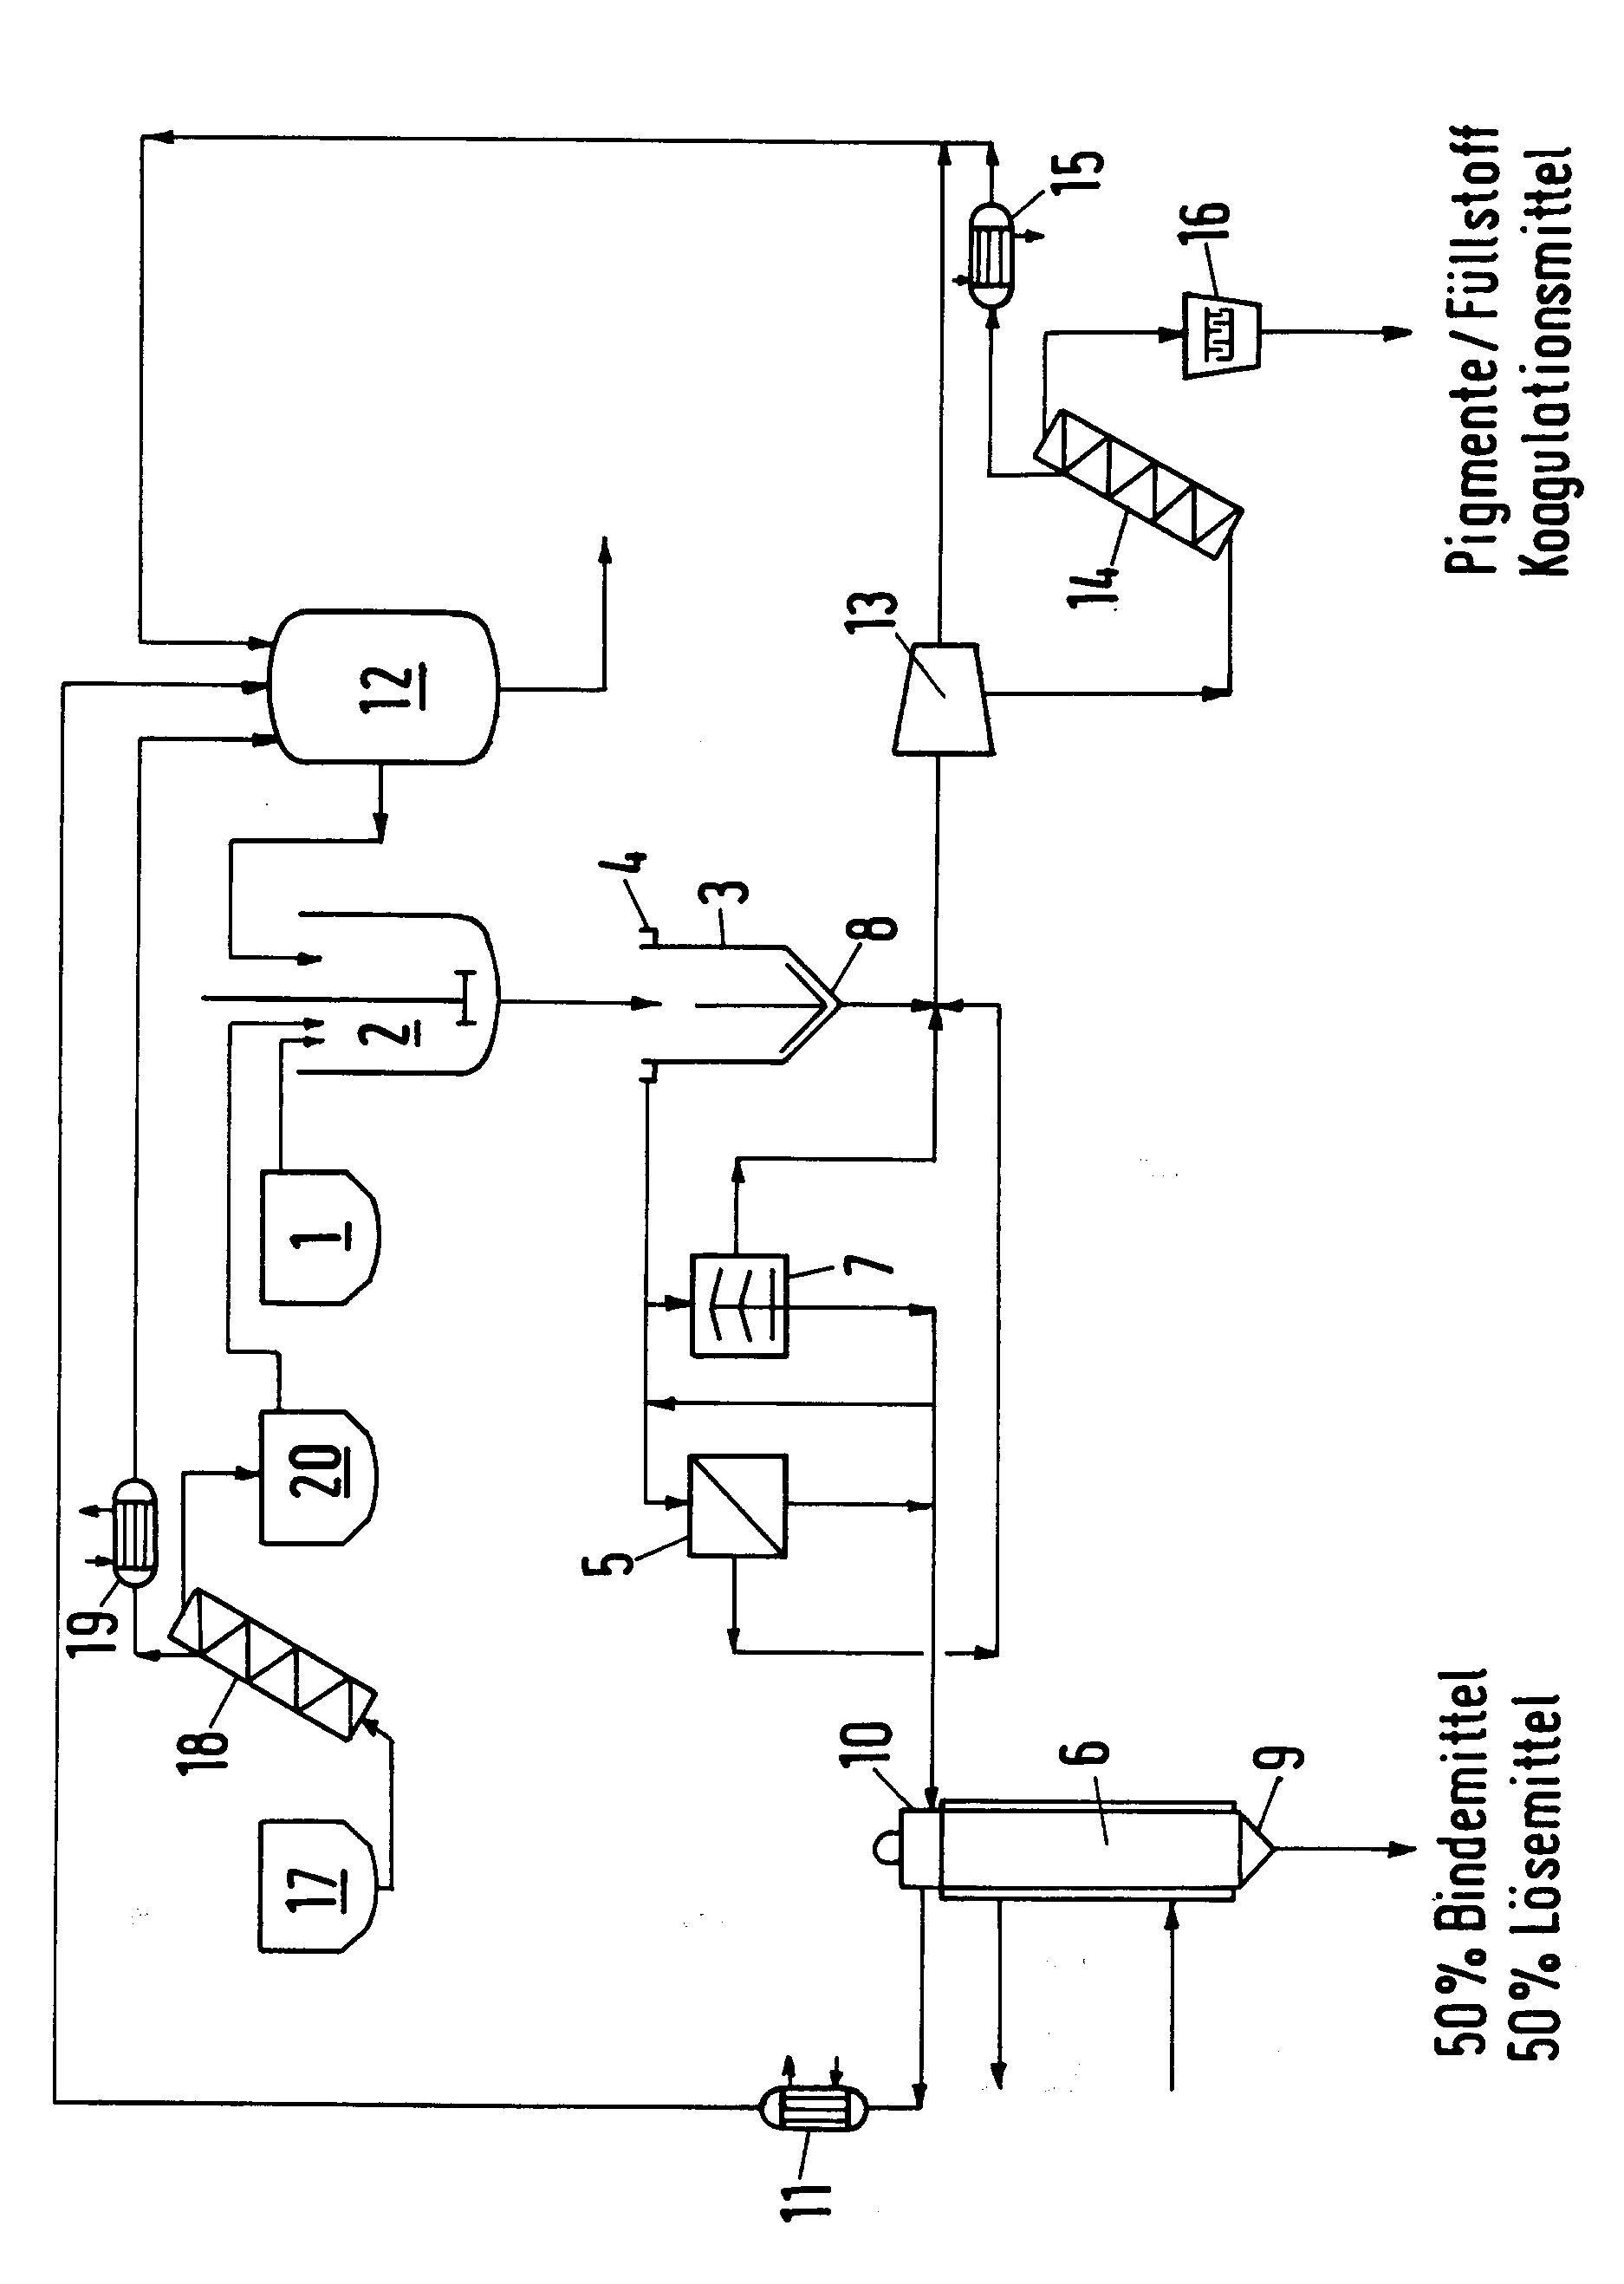 patent ep0488449b1 verfahren und vorrichtung zur. Black Bedroom Furniture Sets. Home Design Ideas